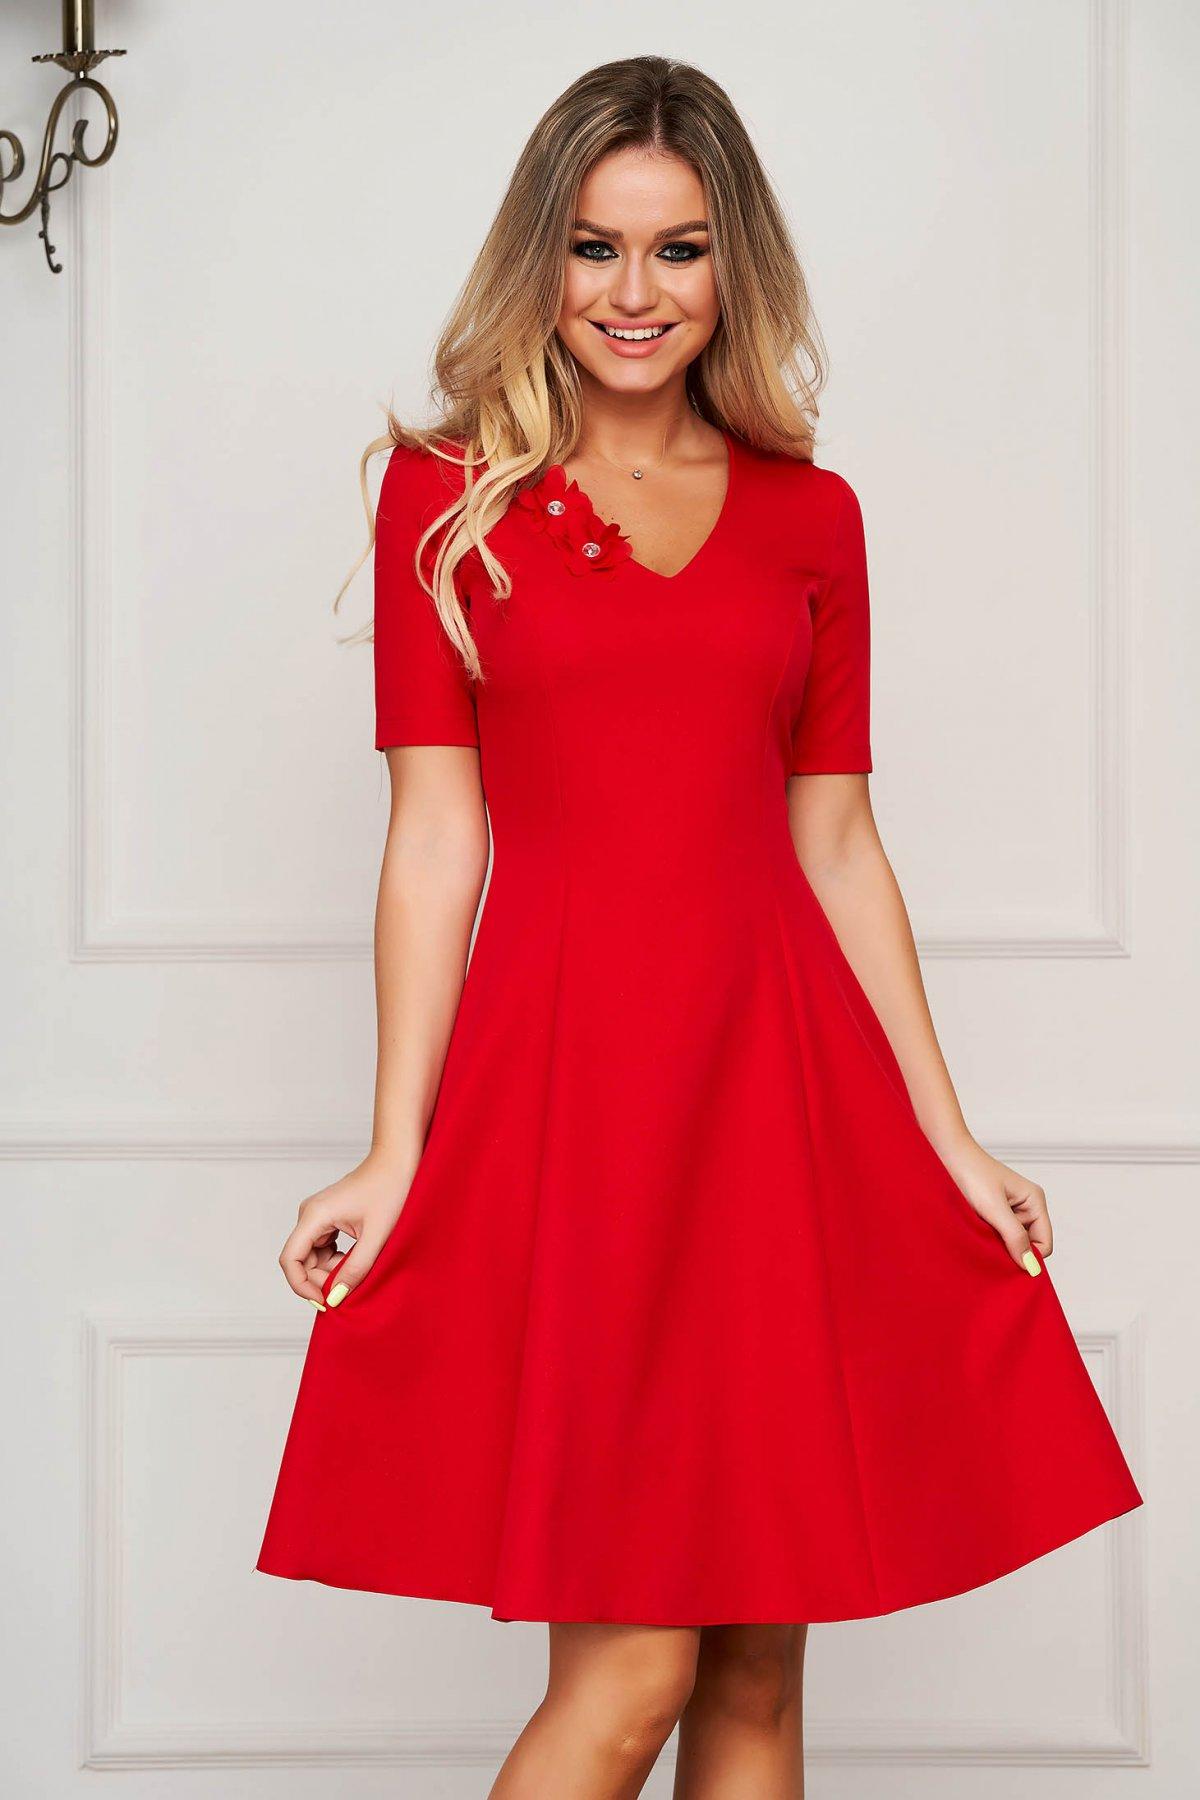 Rochie StarShinerS rosie eleganta midi in clos cu decolteu in v din stofa usor elastica cu aplicatii florale